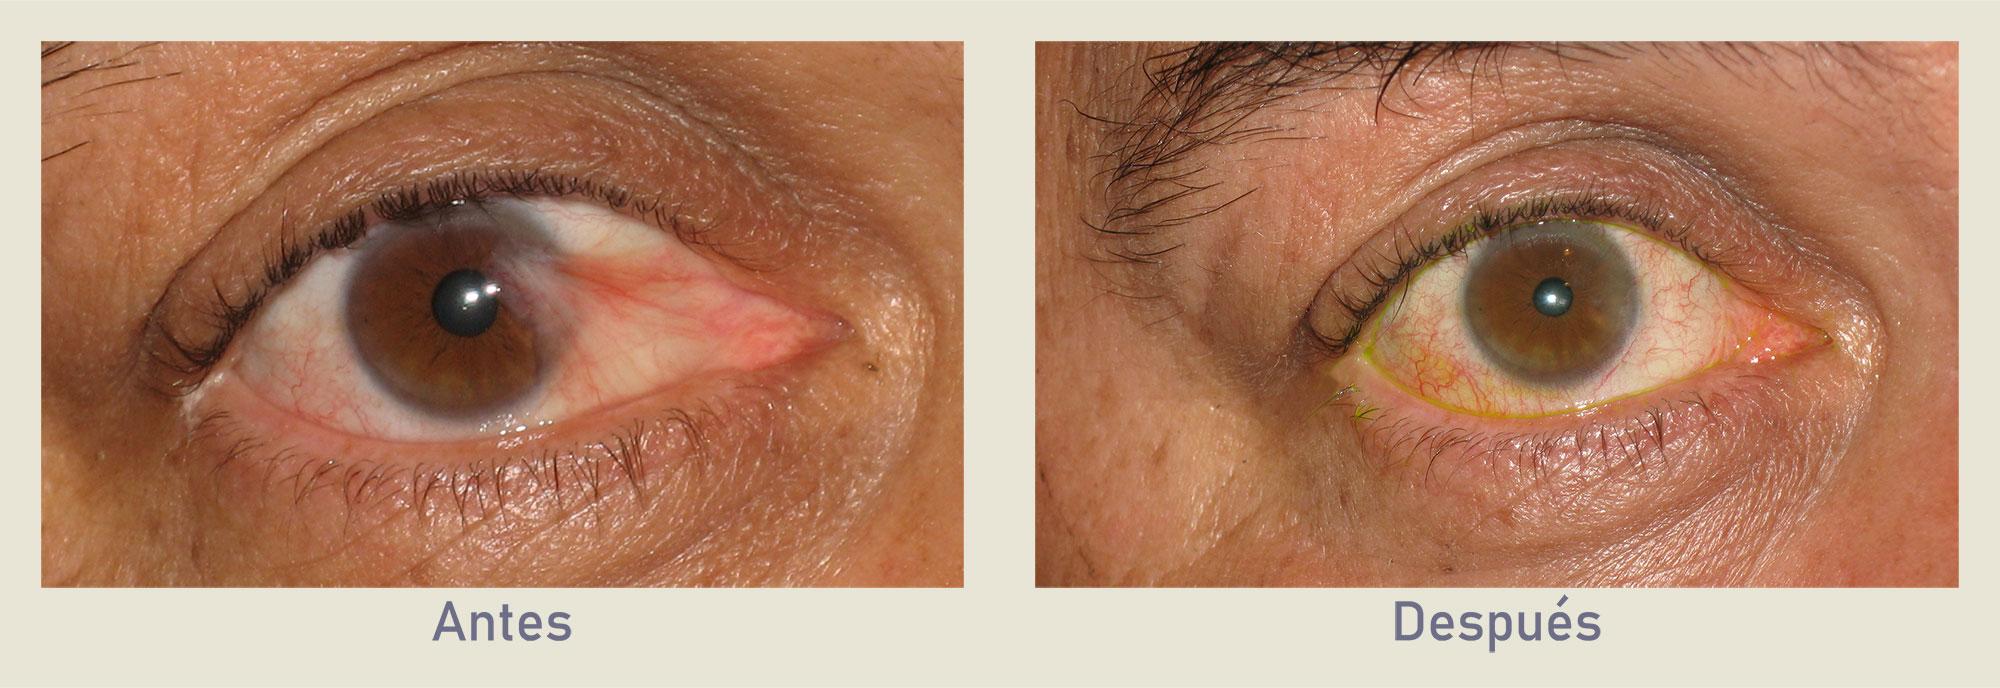 Fotos de pterigio ojo antes y después